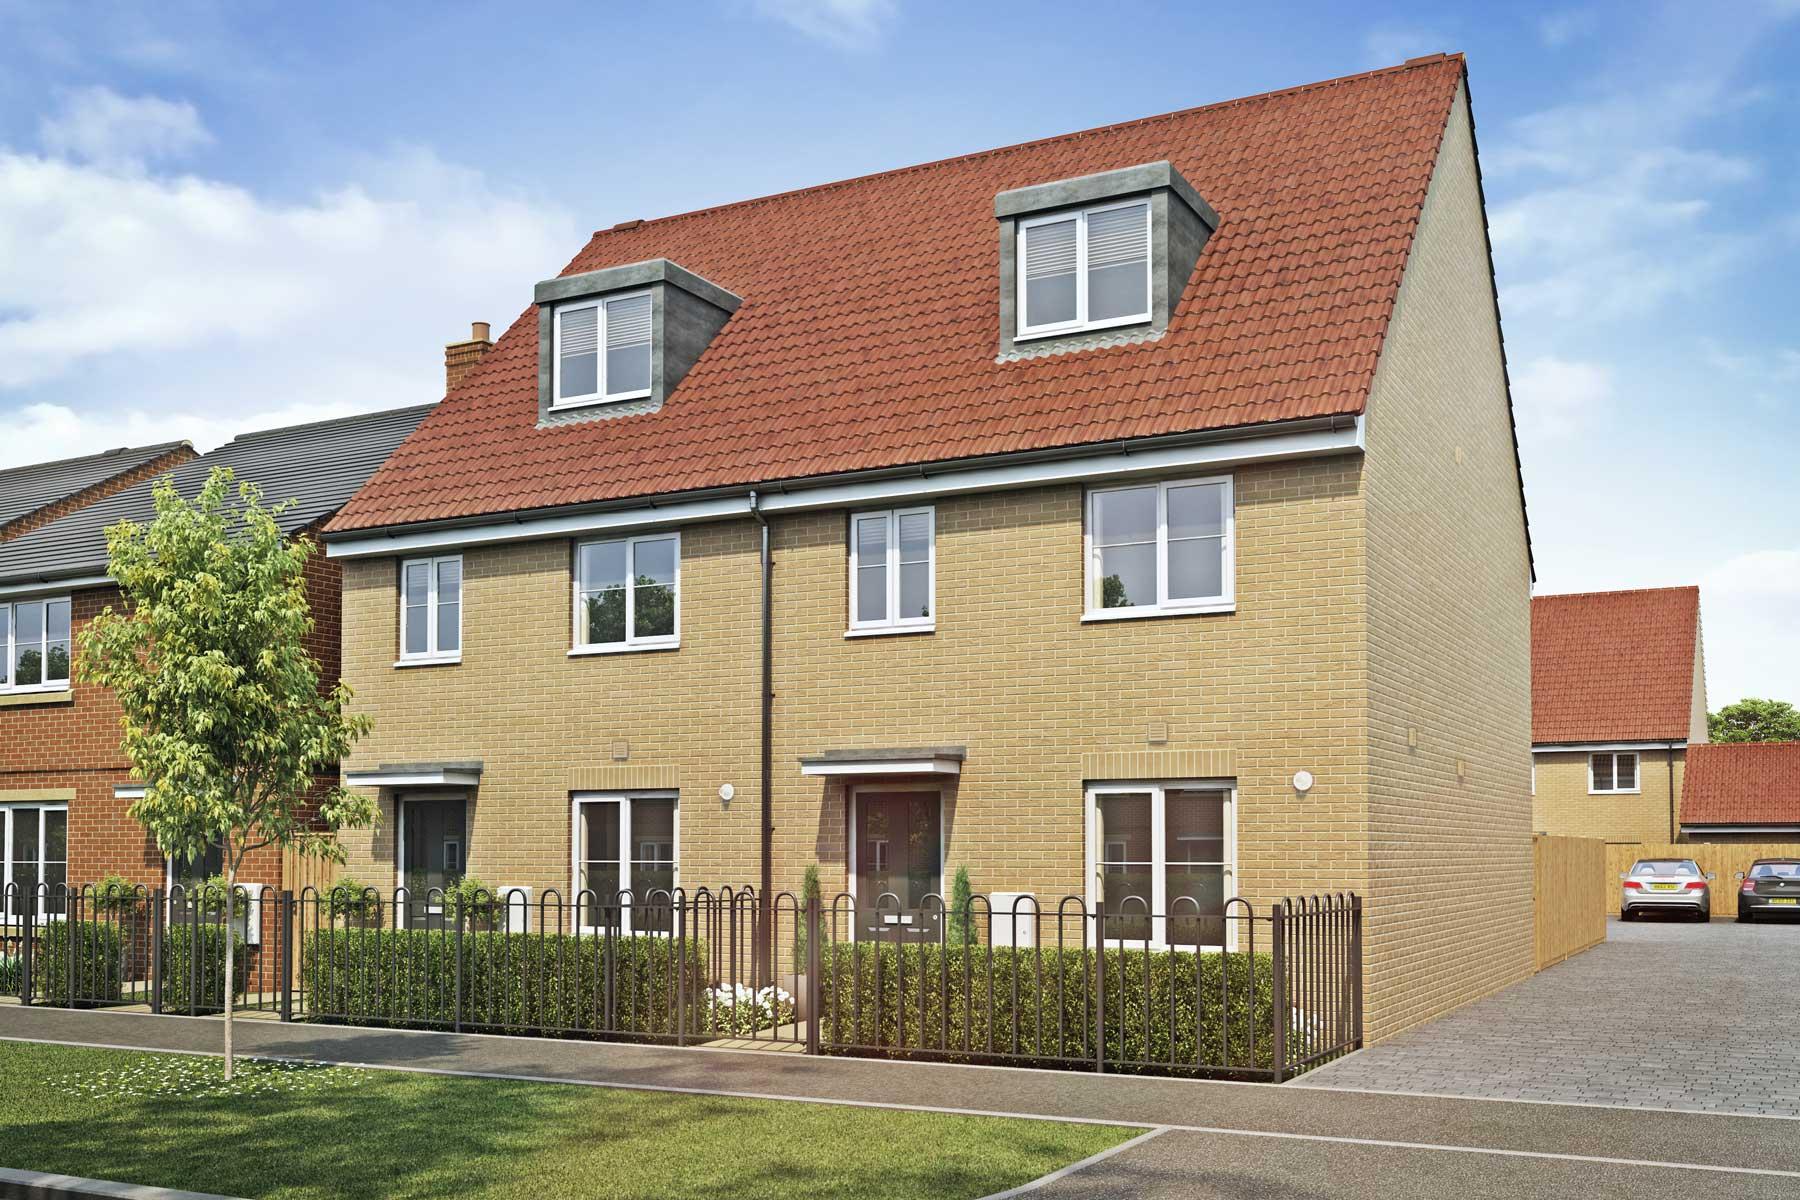 New Homes Bishops Stortford